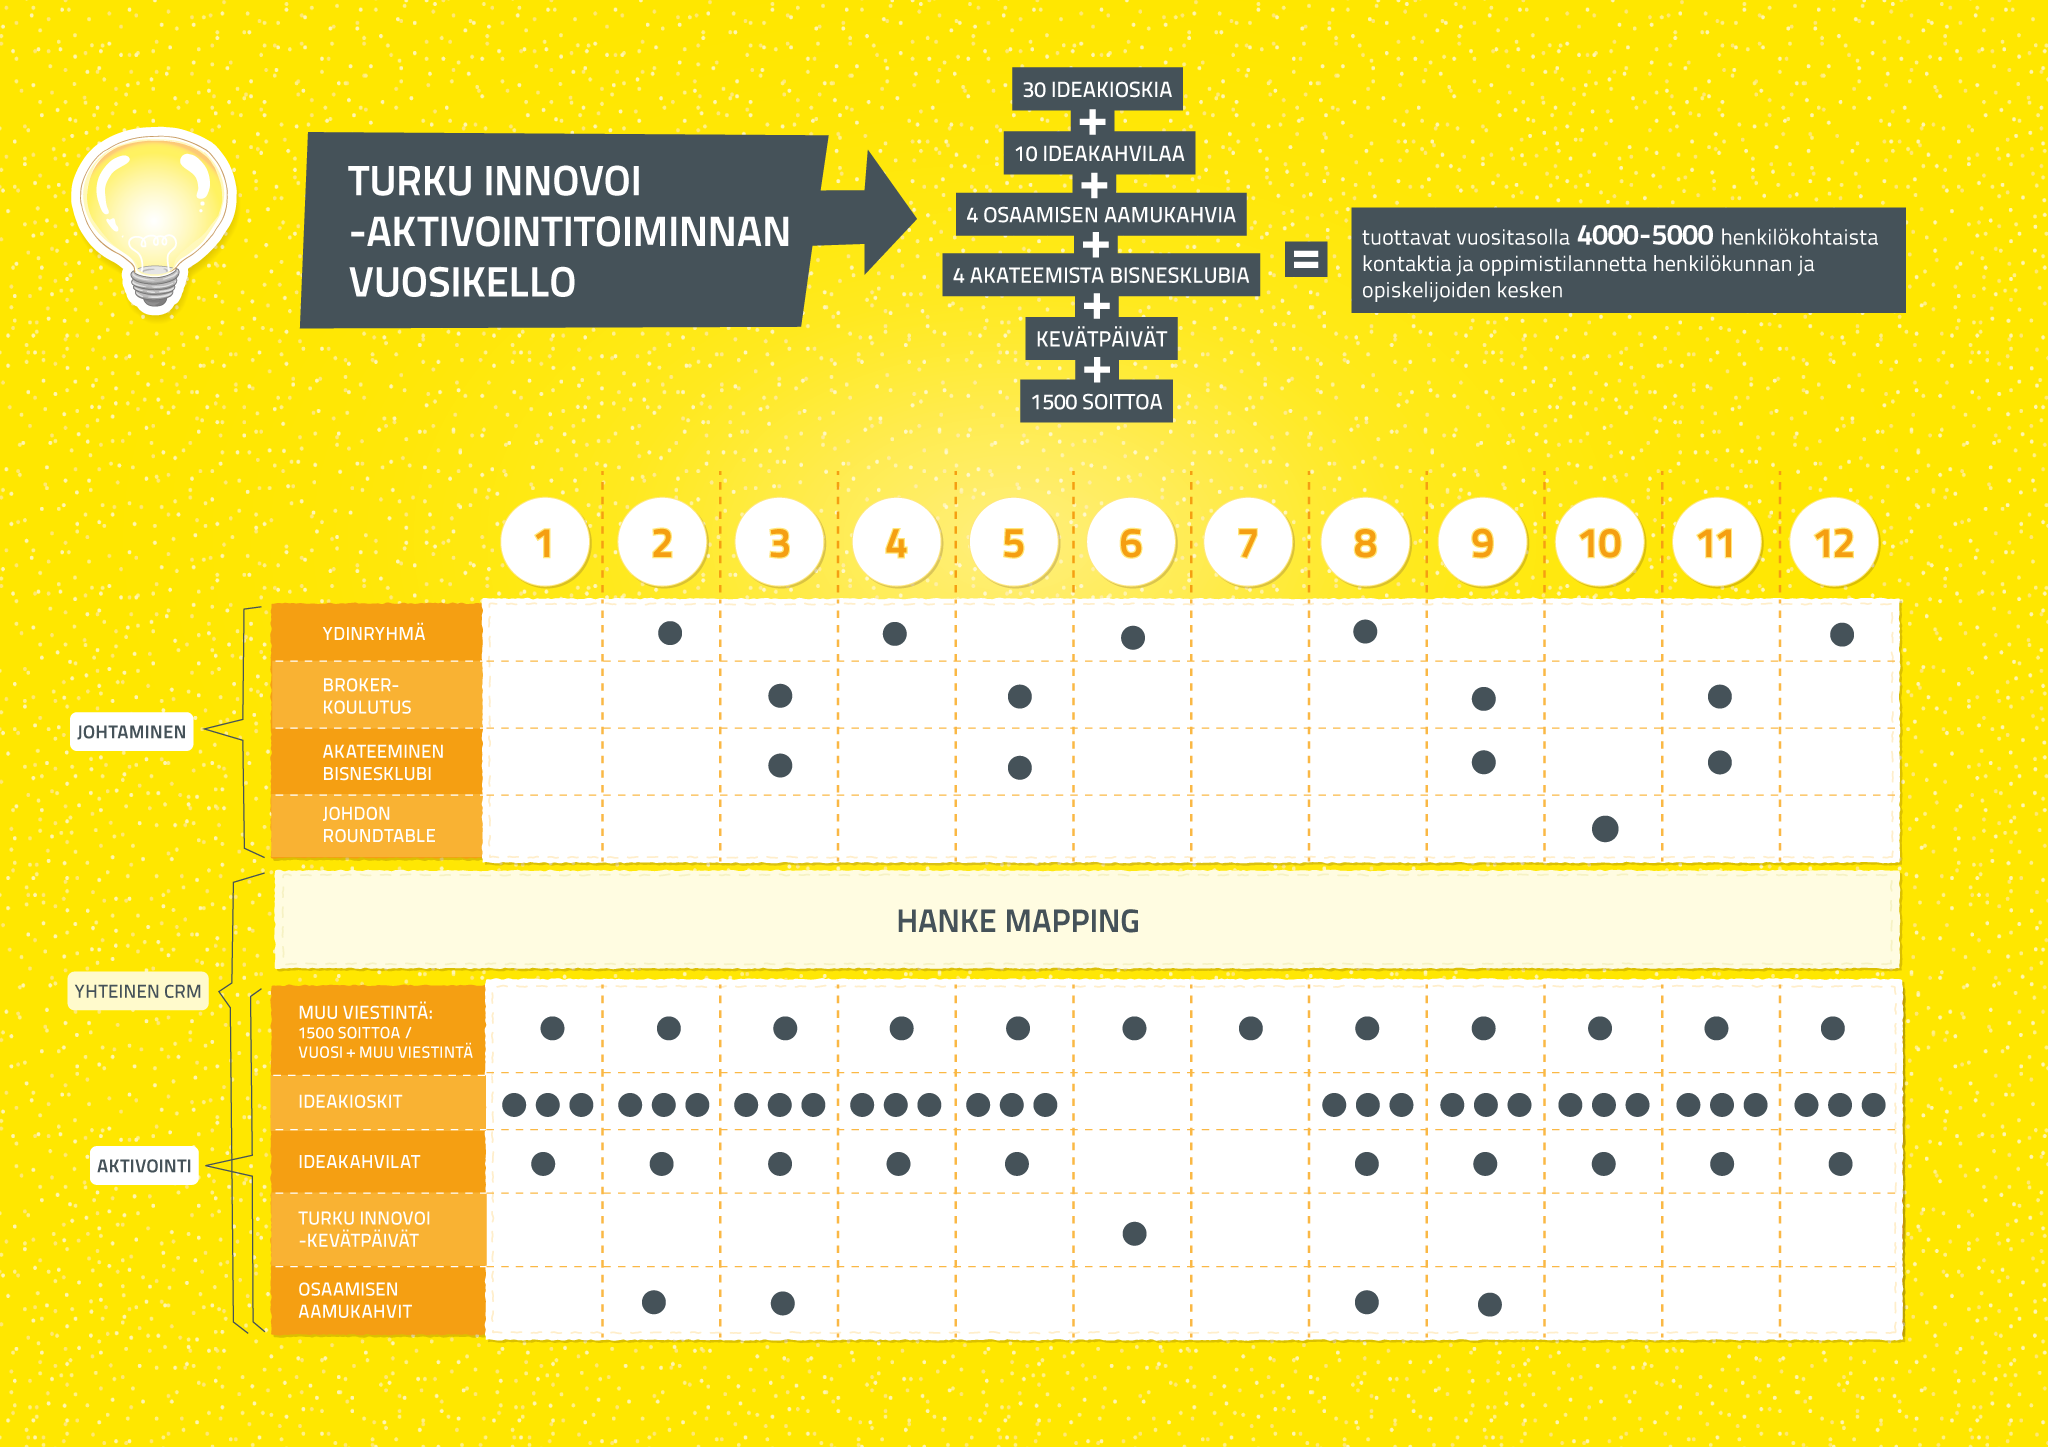 Tämä vuosikello tehtiin Turku innovoi -projektiin.